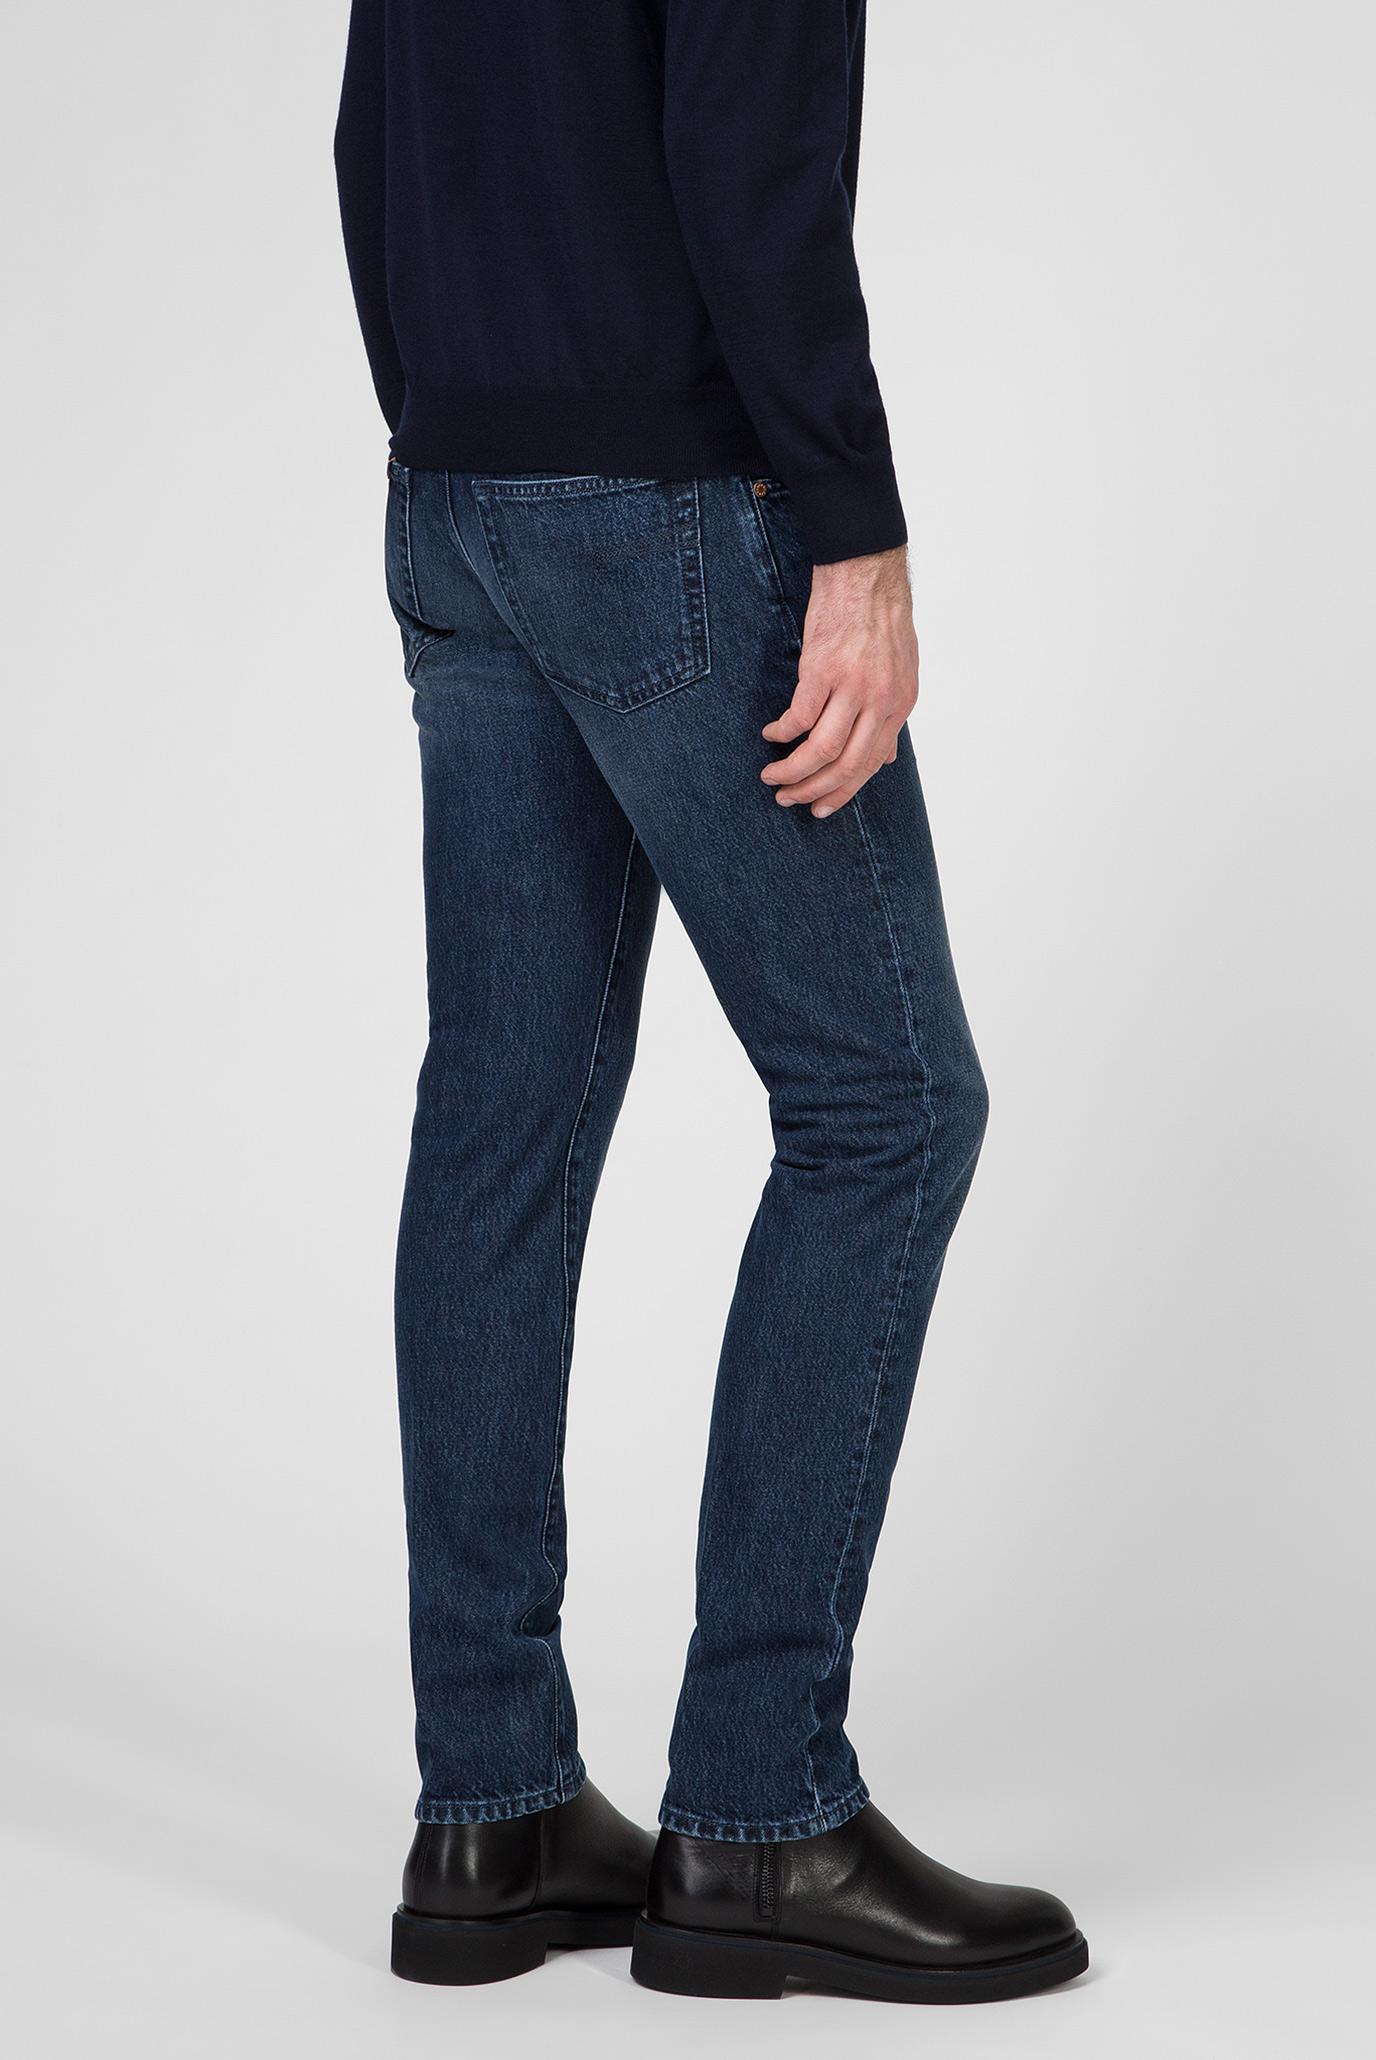 Мужские синие джинсы Barba Napoli